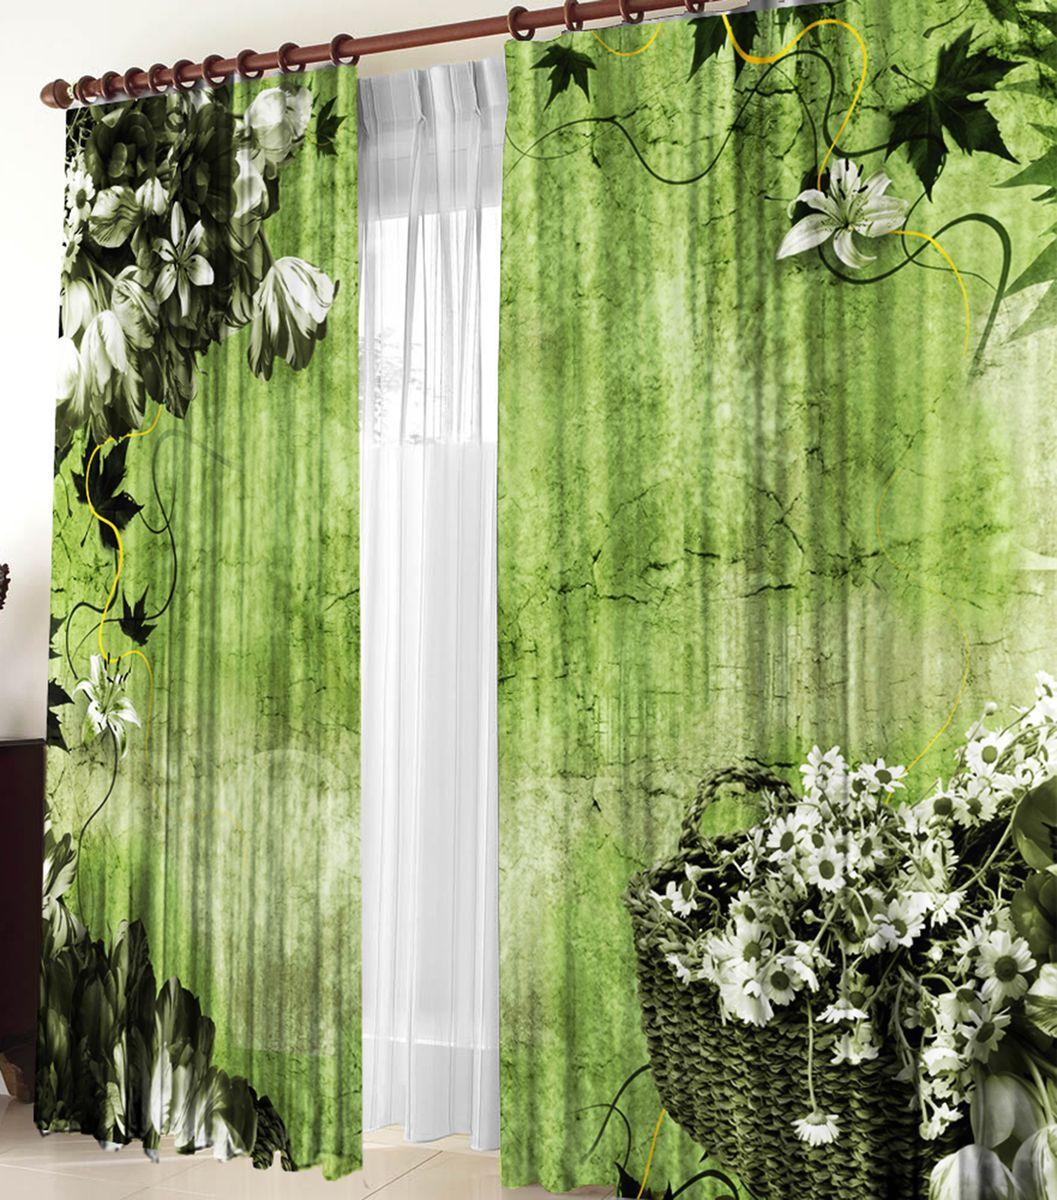 Комплект фотоштор Zlata Korunka Оливия, на ленте, высота 270 см21155Комплект фотоштор Zlata Korunka изготовлен из габардиновой ткани высочайшего качества. Фотошторы способны не пропускать самый яркий свет, их можно гладить и стирать. Рекомендации по уходу: бережная стирка при 30°С, деликатный отжим, отбеливание запрещено, гладить при температуре не более 150°С. Светопоглощение 70%. Плотность ткани: 150 г/м2. Оттенок изделия может отличаться от представленного на сайте в силу особенностей цветопередачи фототехники и вашего монитора.